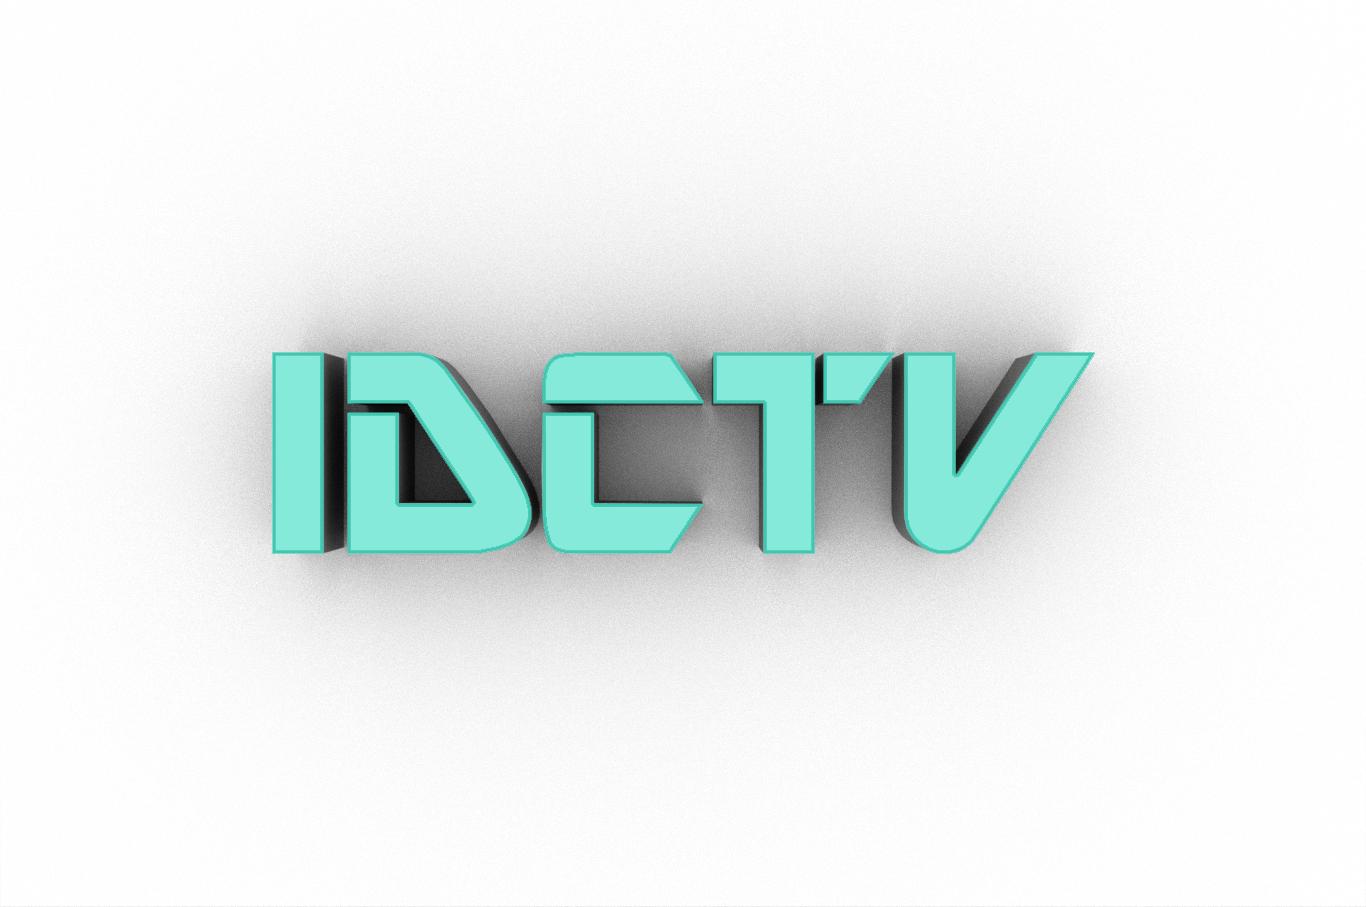 idctv.ch